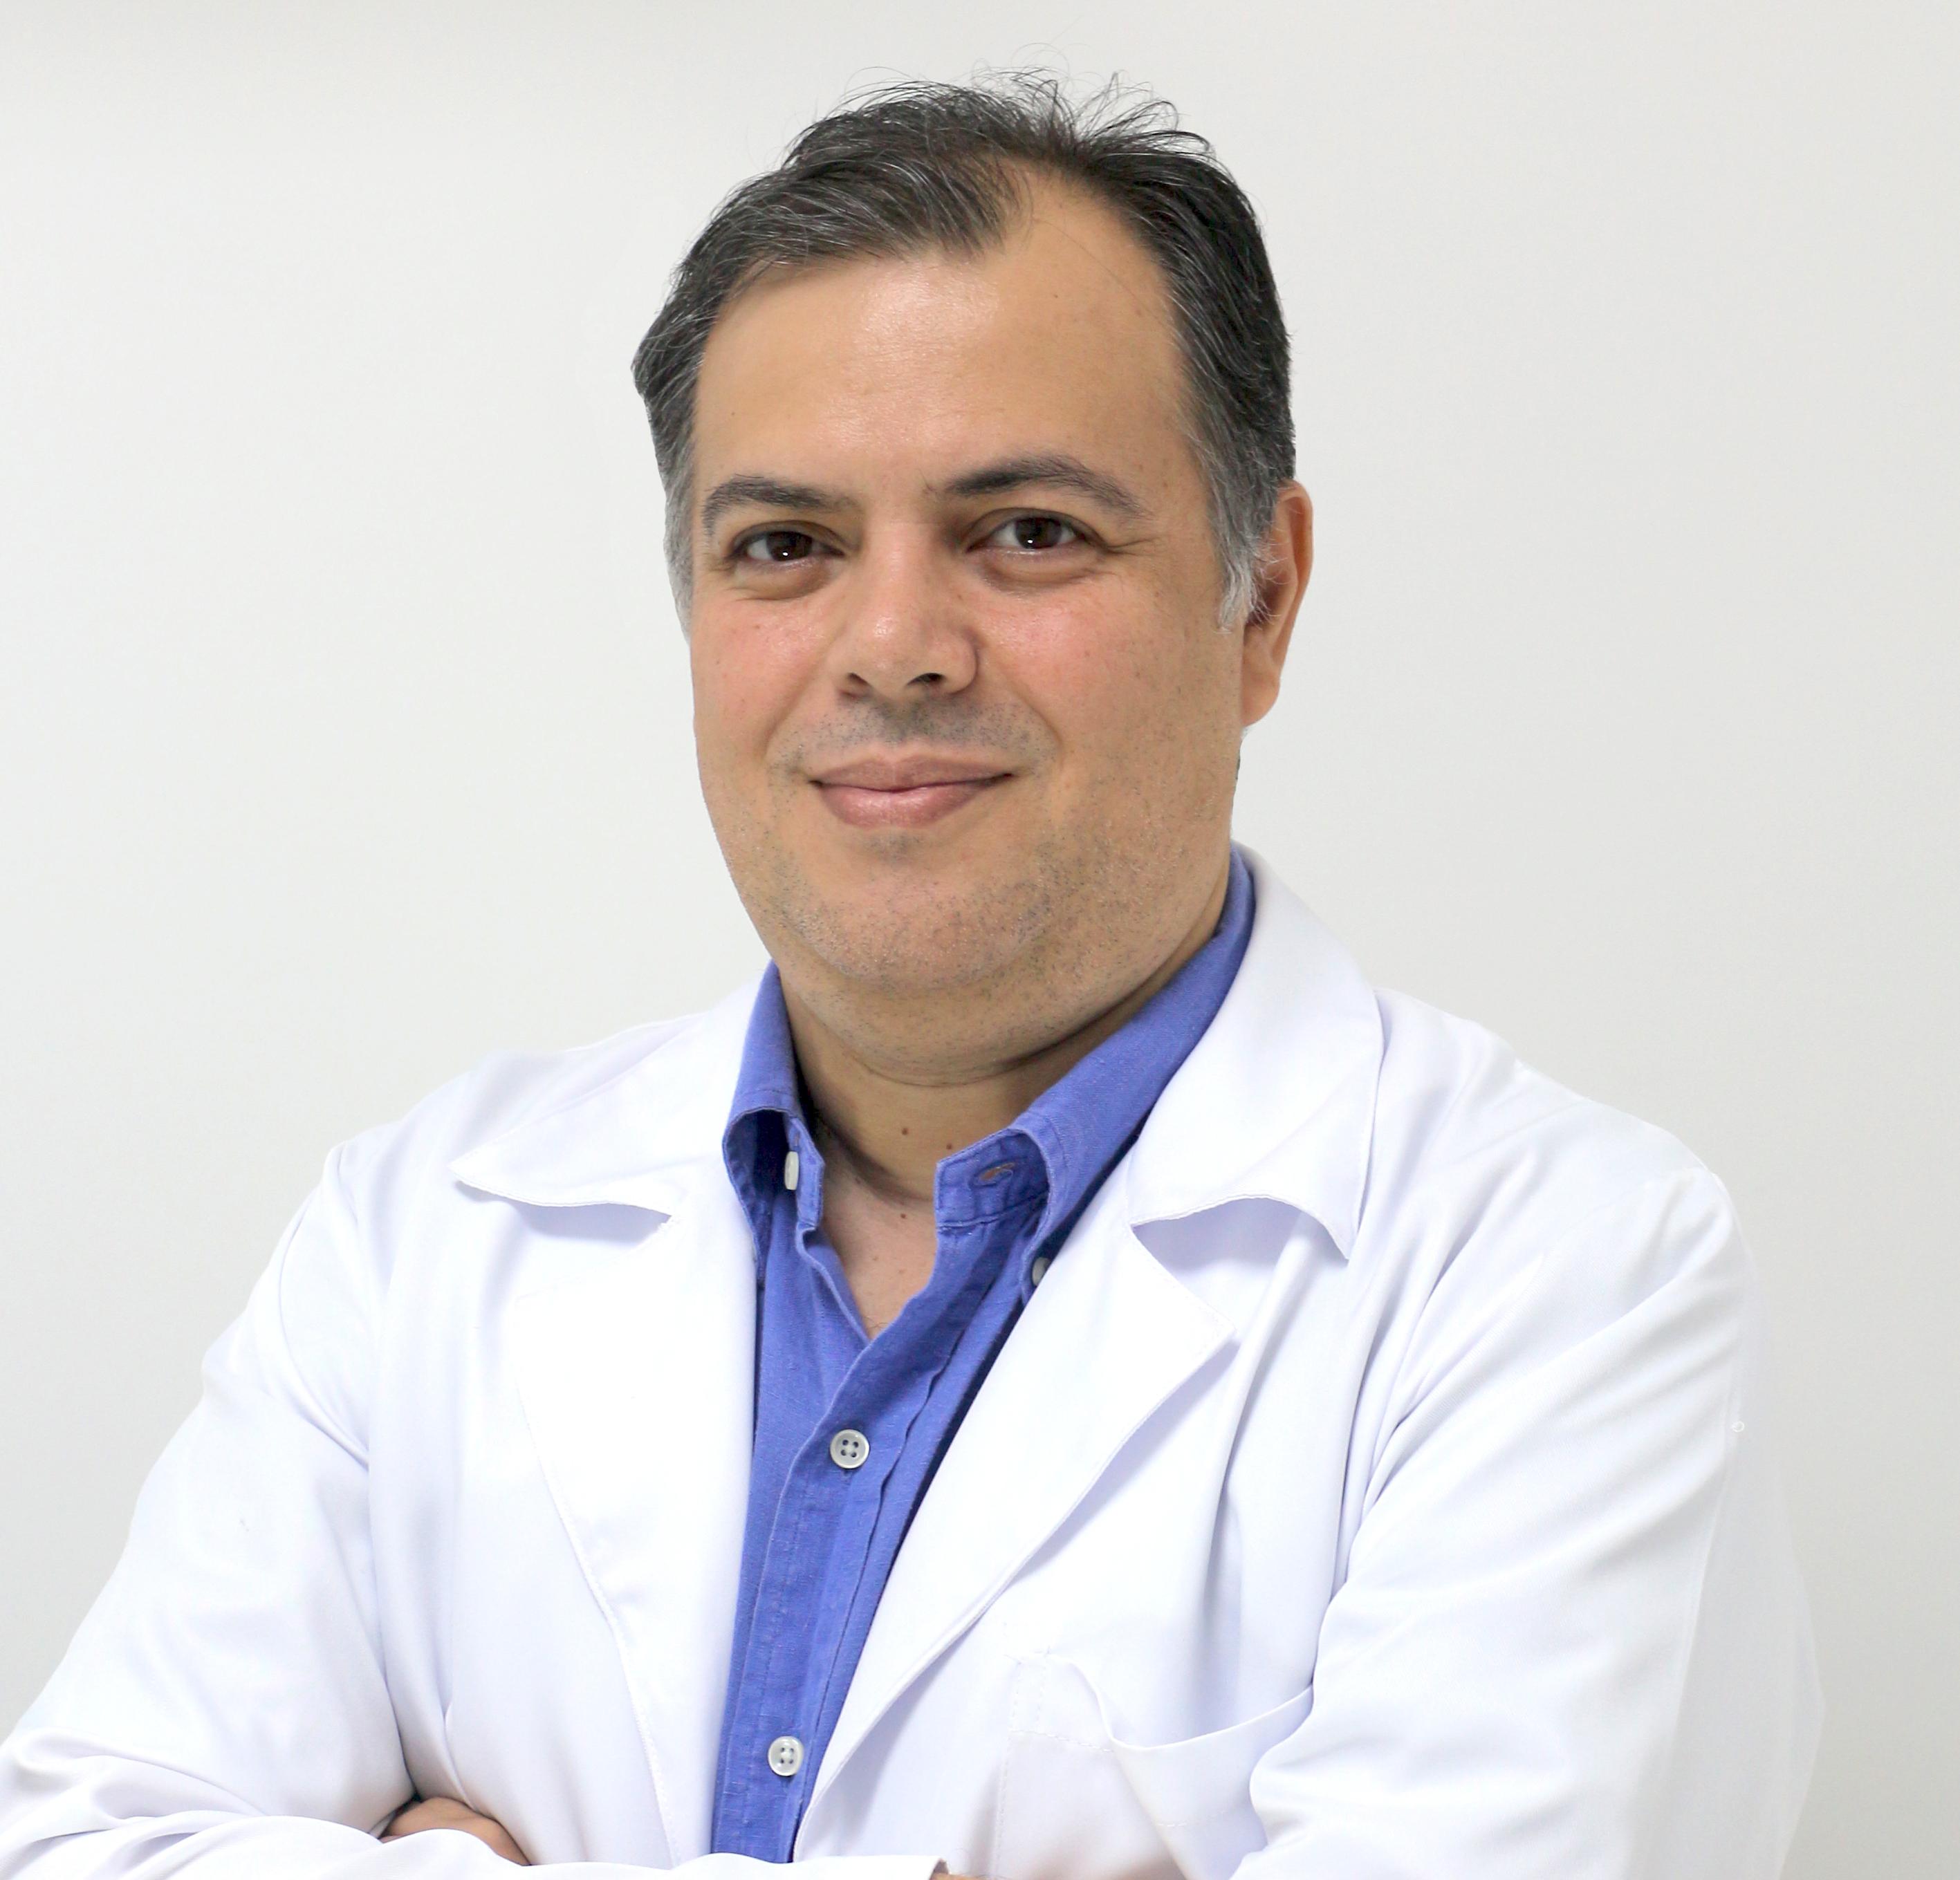 José Corrêa Netto